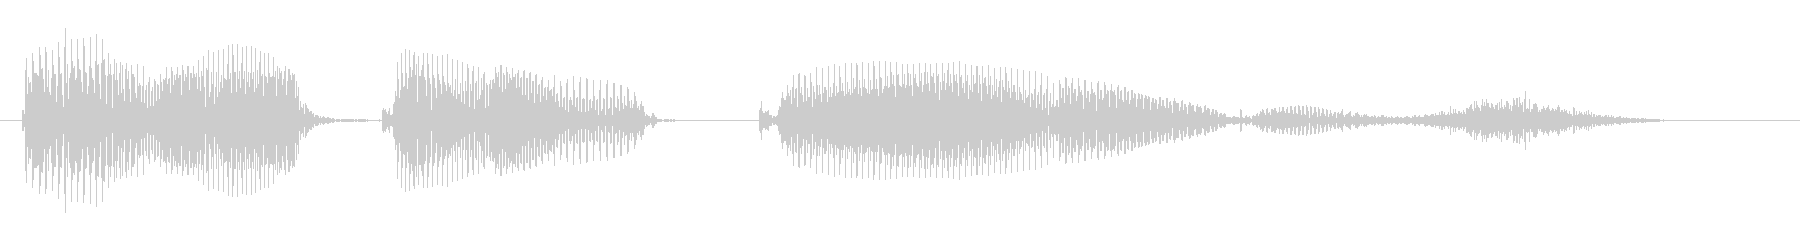 あなたのターンですの未再生の波形